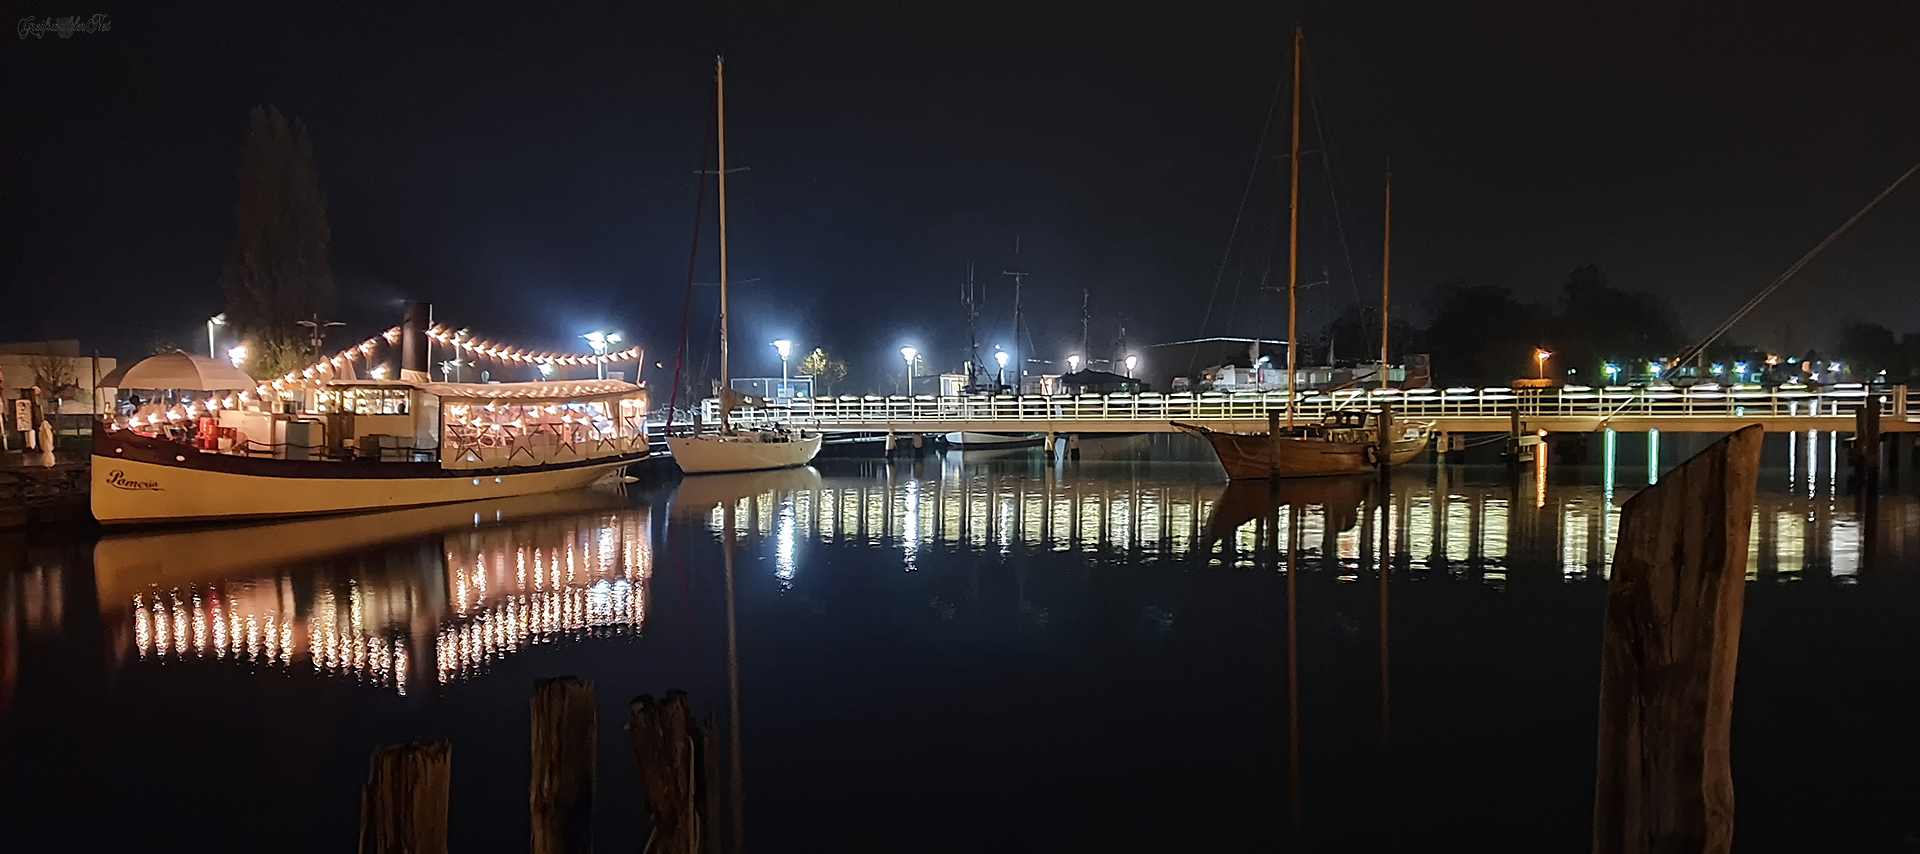 Abend am Museumshafen Greifswald